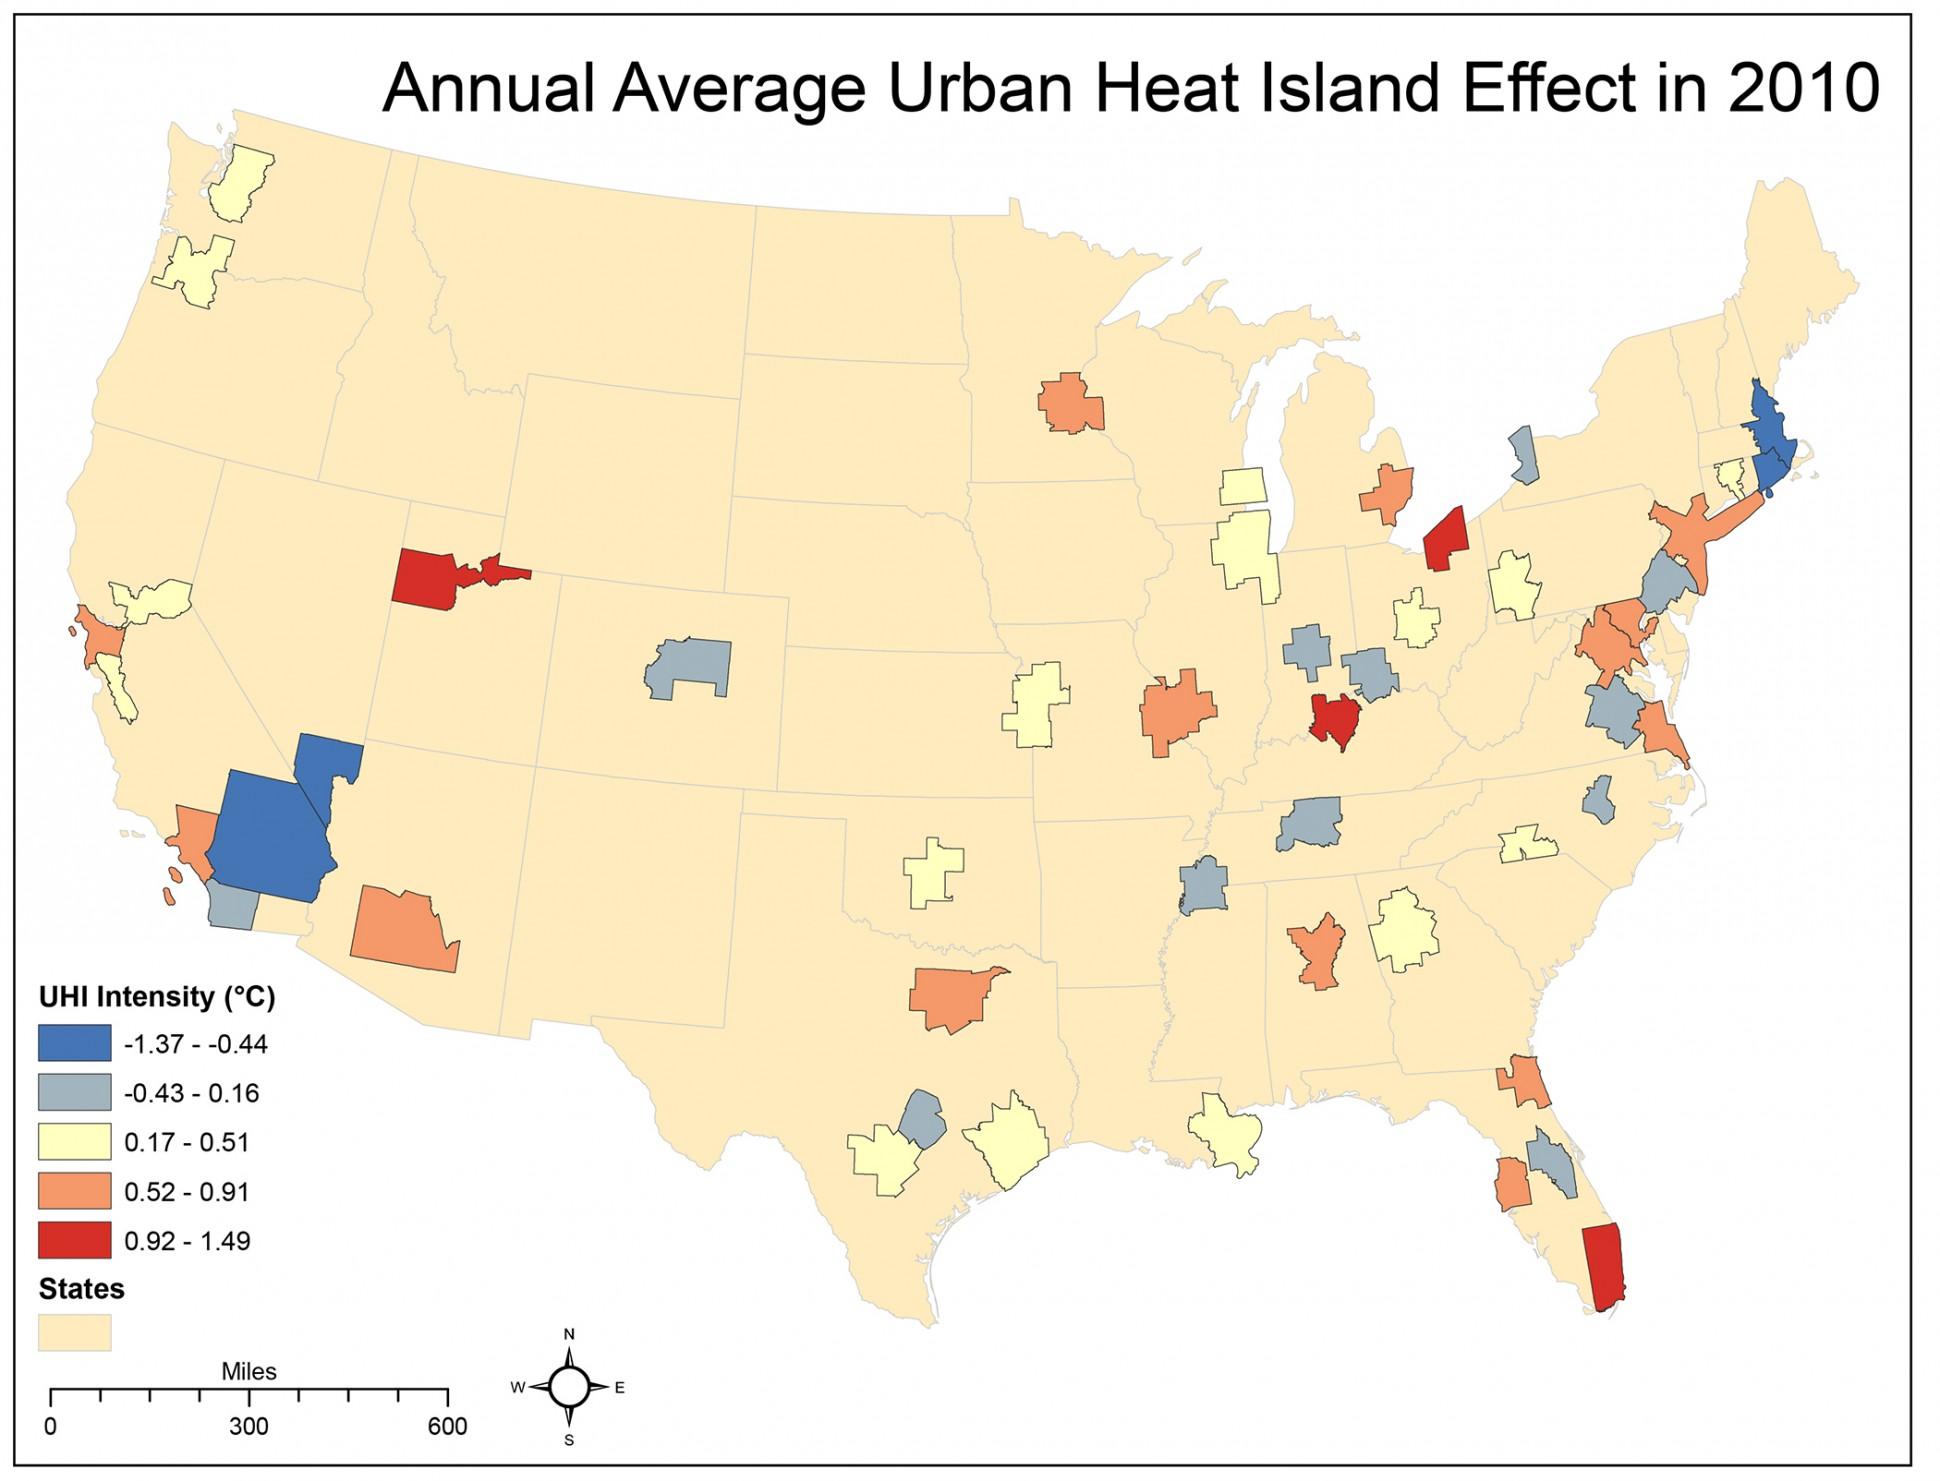 urban heat island effect by city